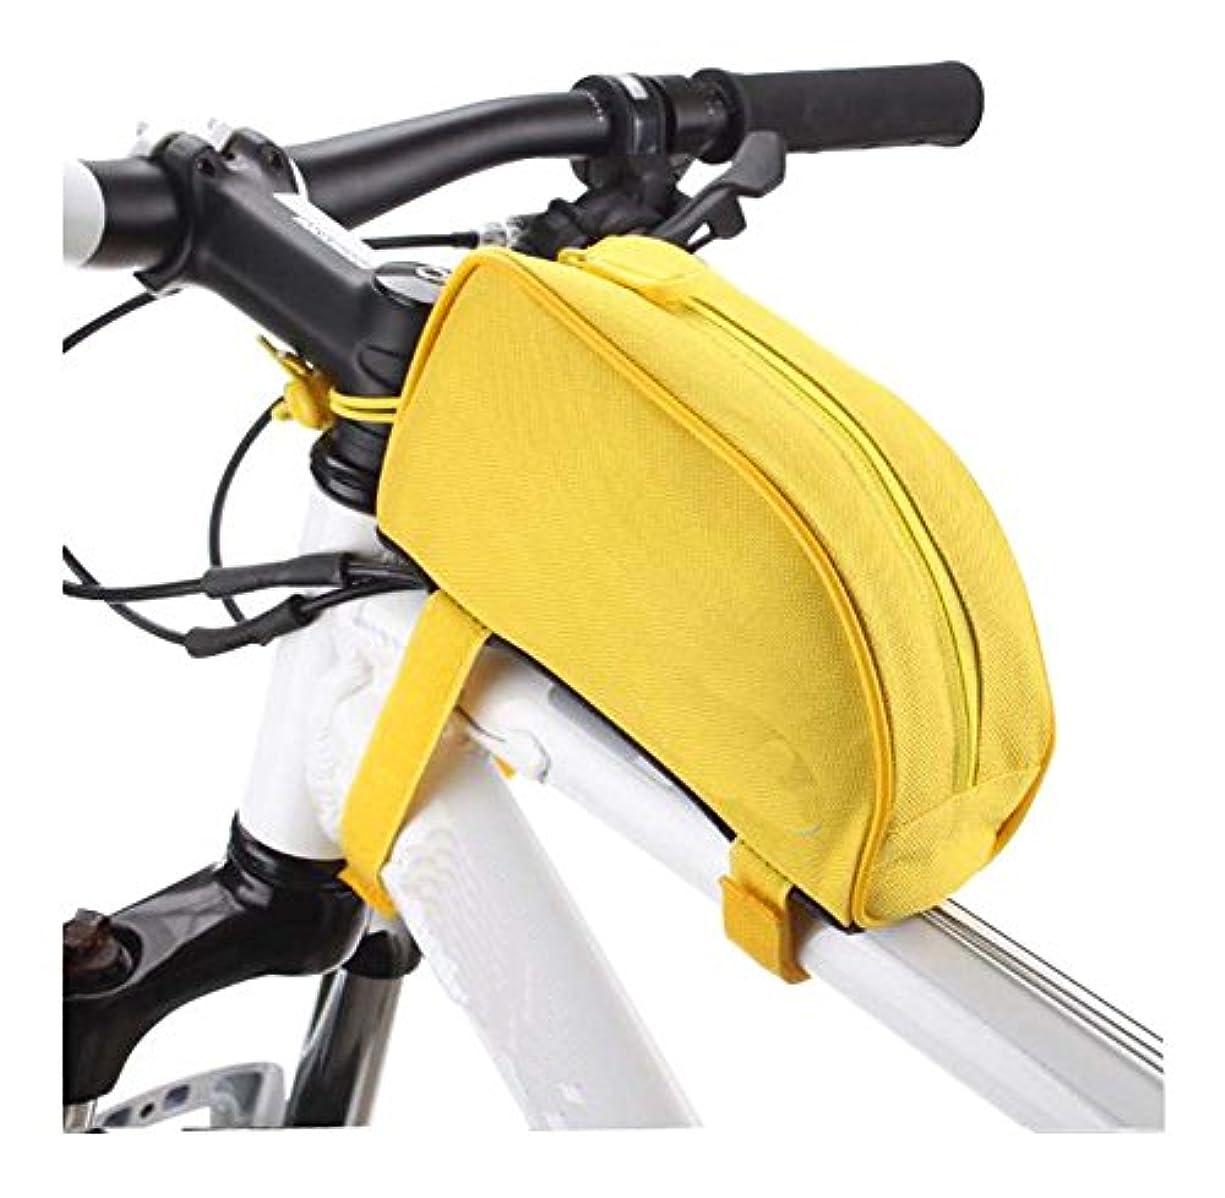 恥オフ拮抗するマウンテンバイクフロントバッグ、自転車バッグ、自転車アクセサリーバッグ、収納袋、E1